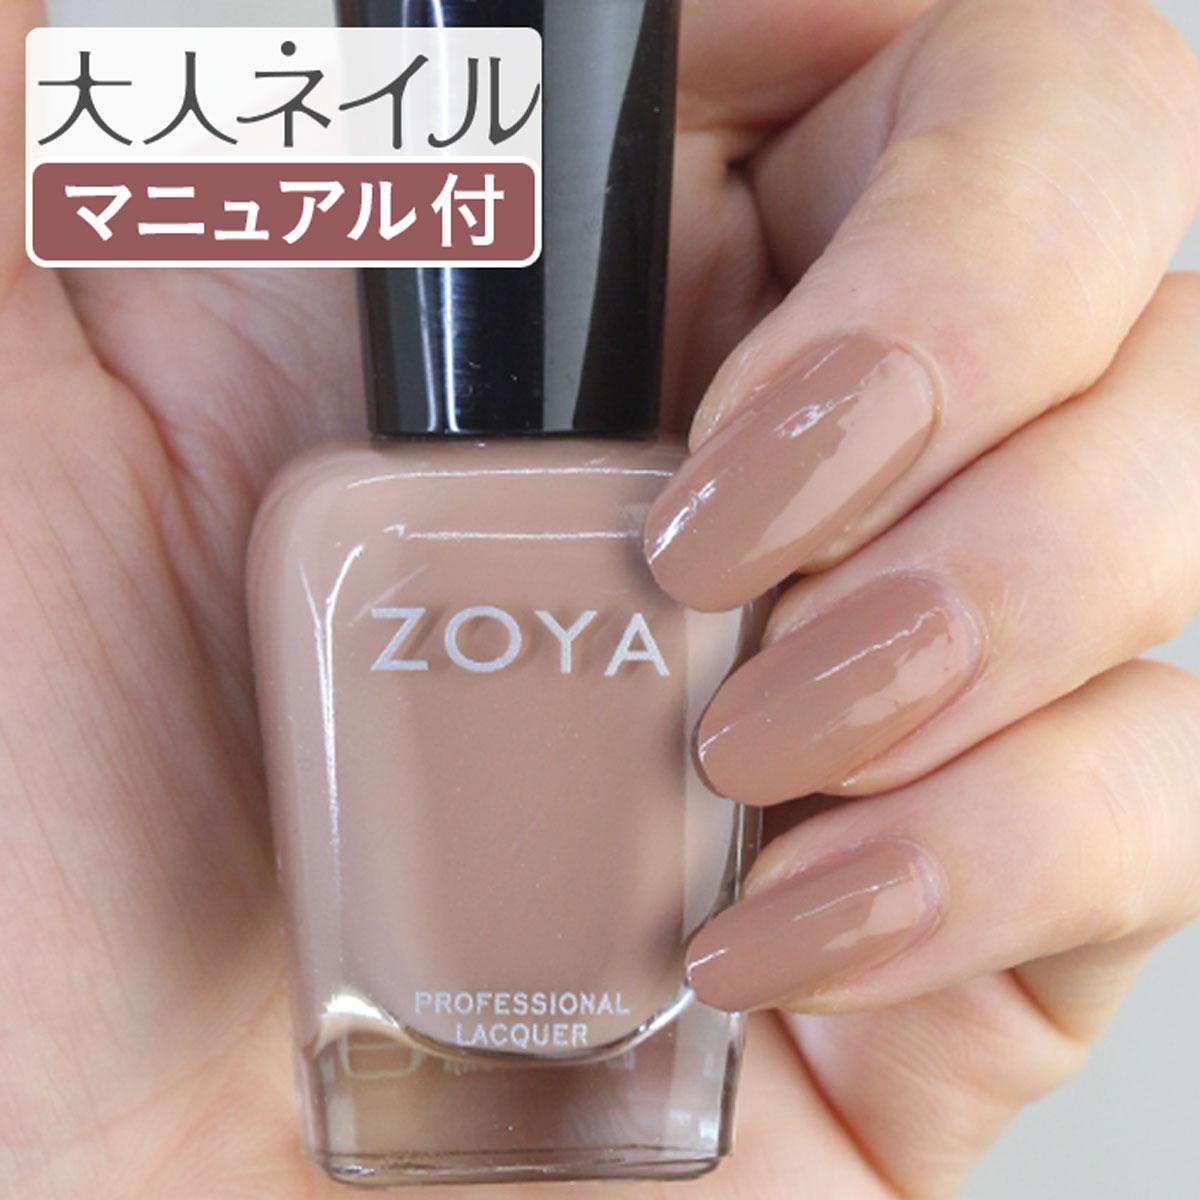 ZOYA ゾーヤ ネイルカラー  ZP742 15mL Spencer スペンサー 自爪 の為に作られた ネイル にやさしい 自然派 マニキュア zoya セルフネイル にもおすすめ キャメル パステル ベージュ ブラウン ホワイトデー